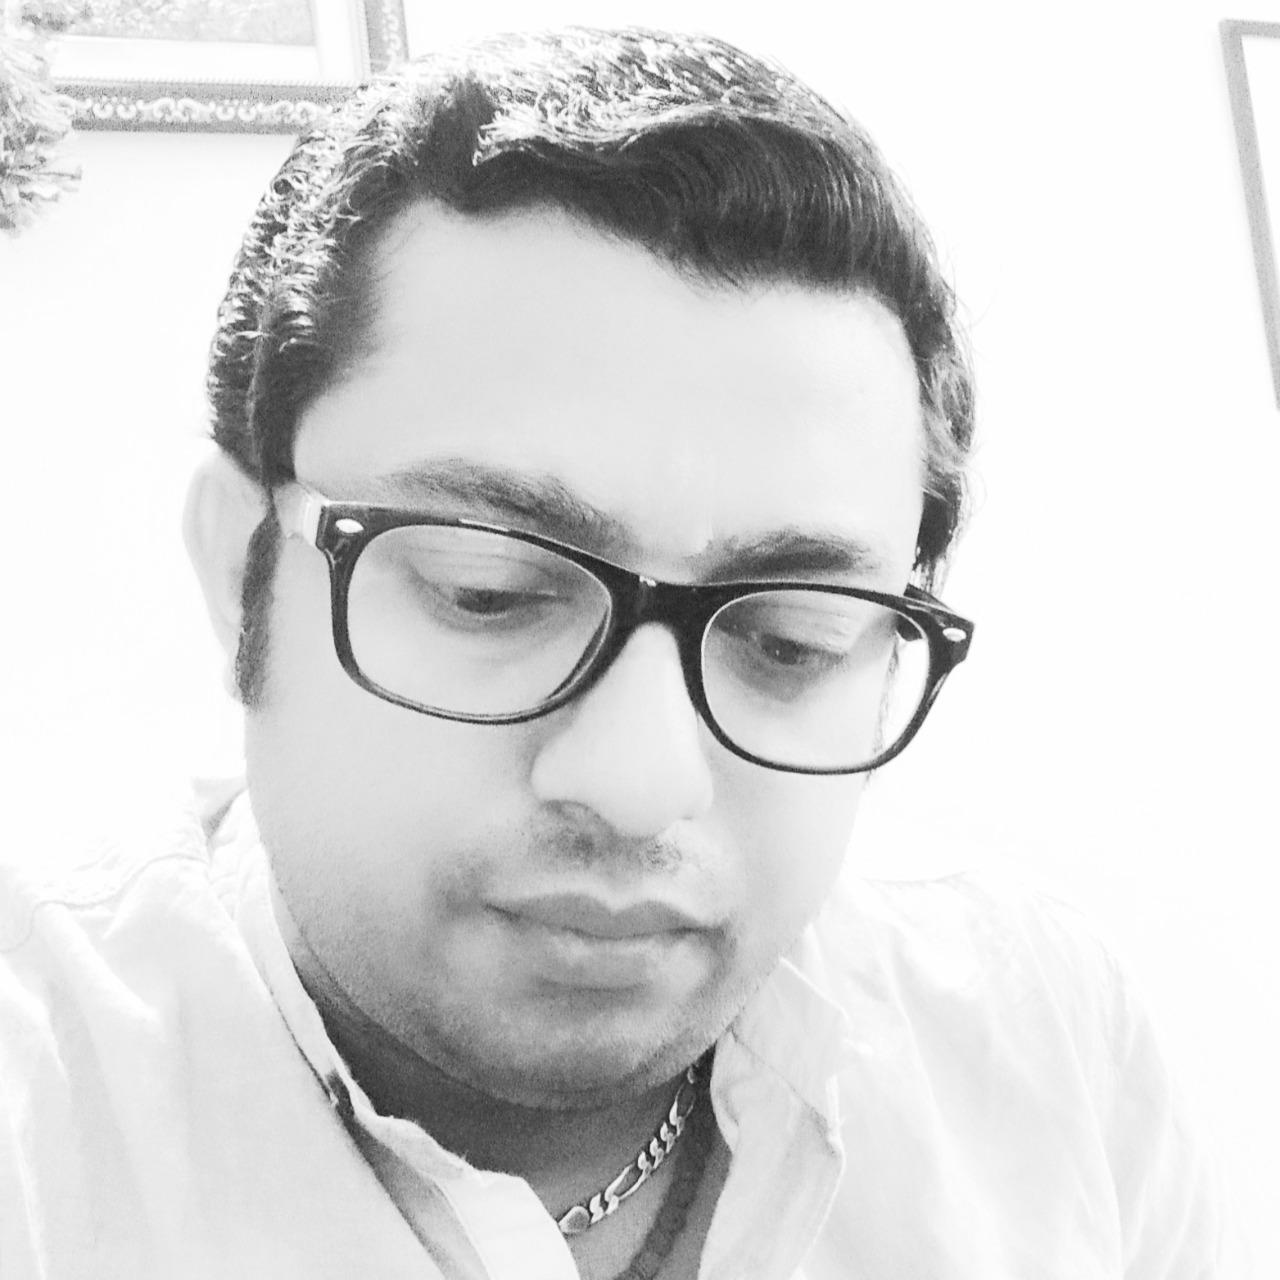 Avdhesh Sharma